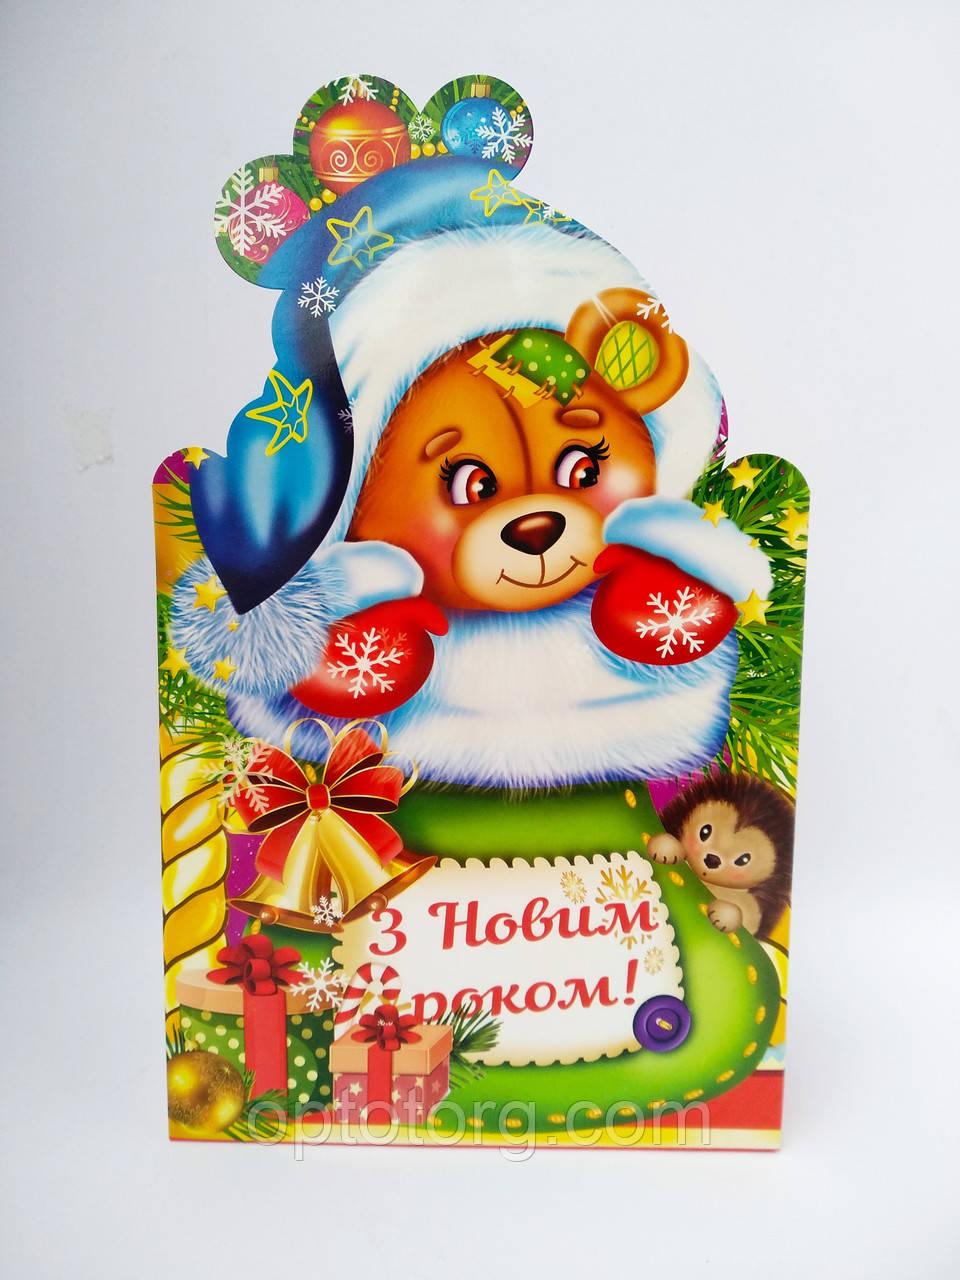 Упаковка для конфет Новый год 500-600 грамм